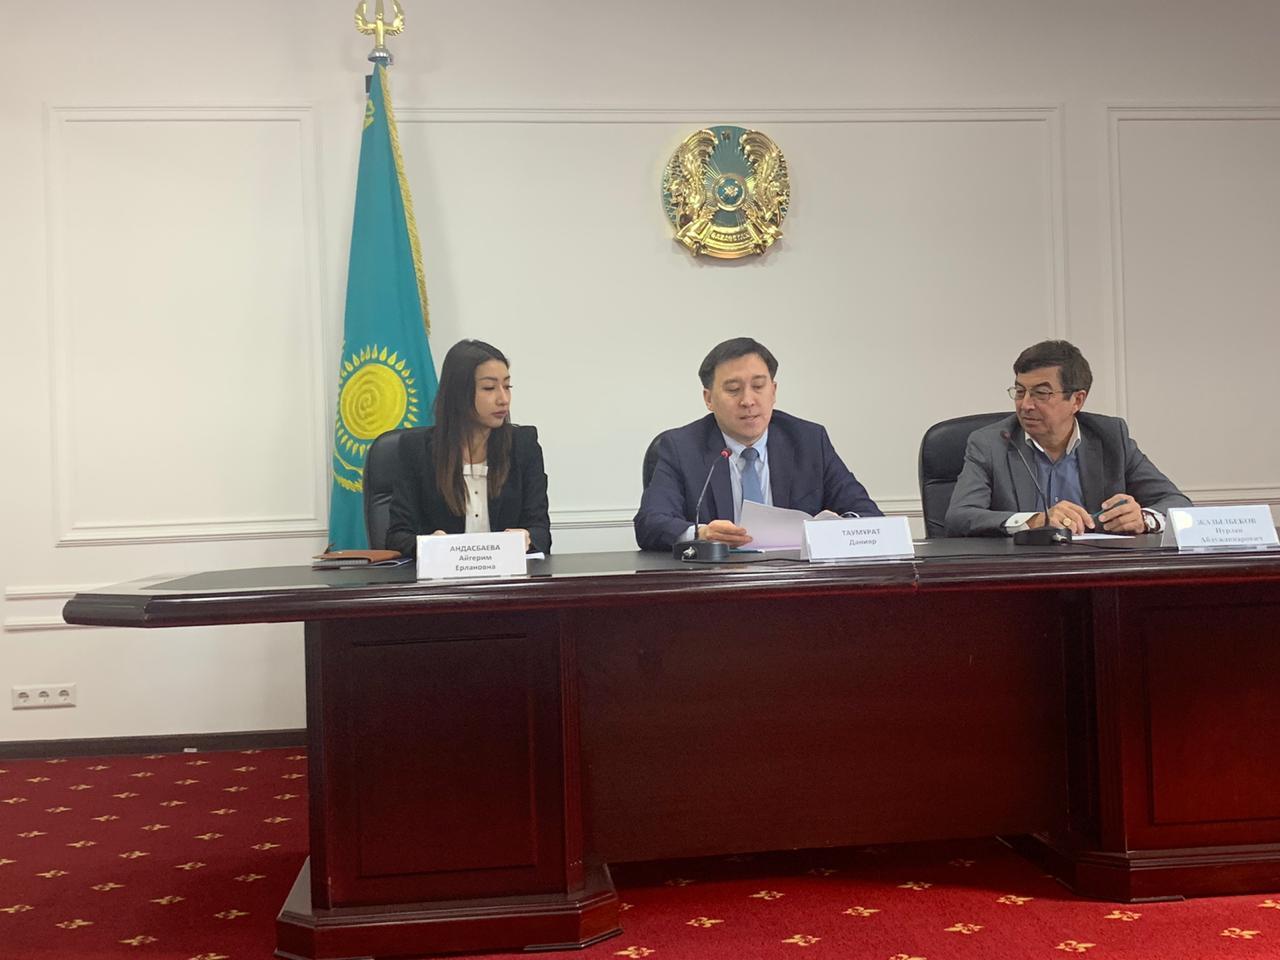 О порядке увольнения чиновников за коррупцию подчиненных рассказали антикоррупционщики